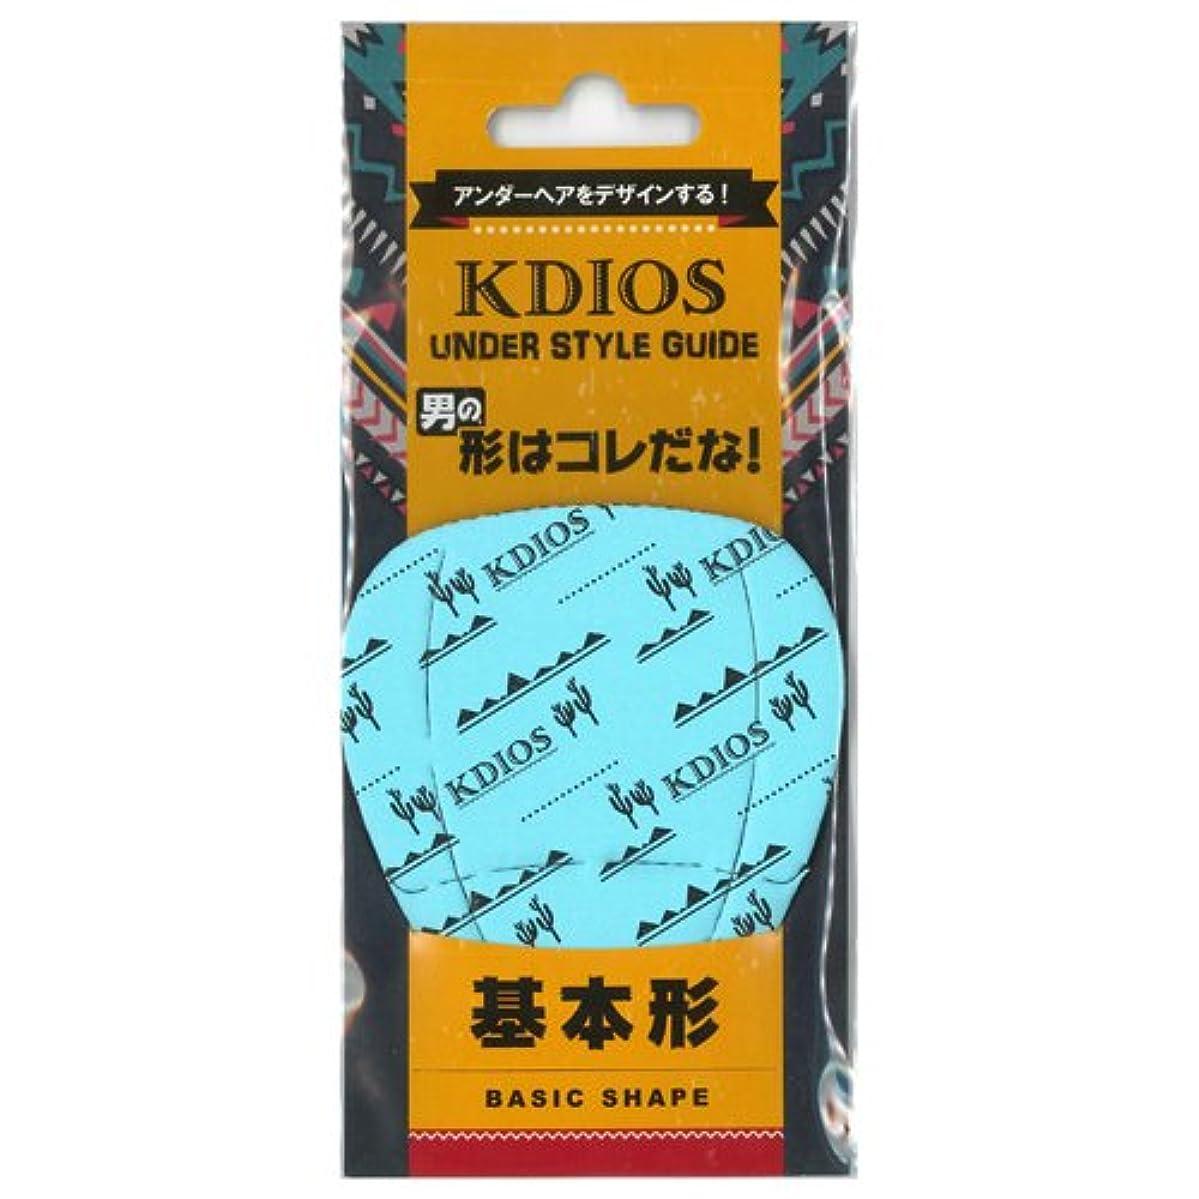 錫強い鎮静剤KDIOS(ケディオス) アンダースタイルガイド 「基本形」 FOR MEN